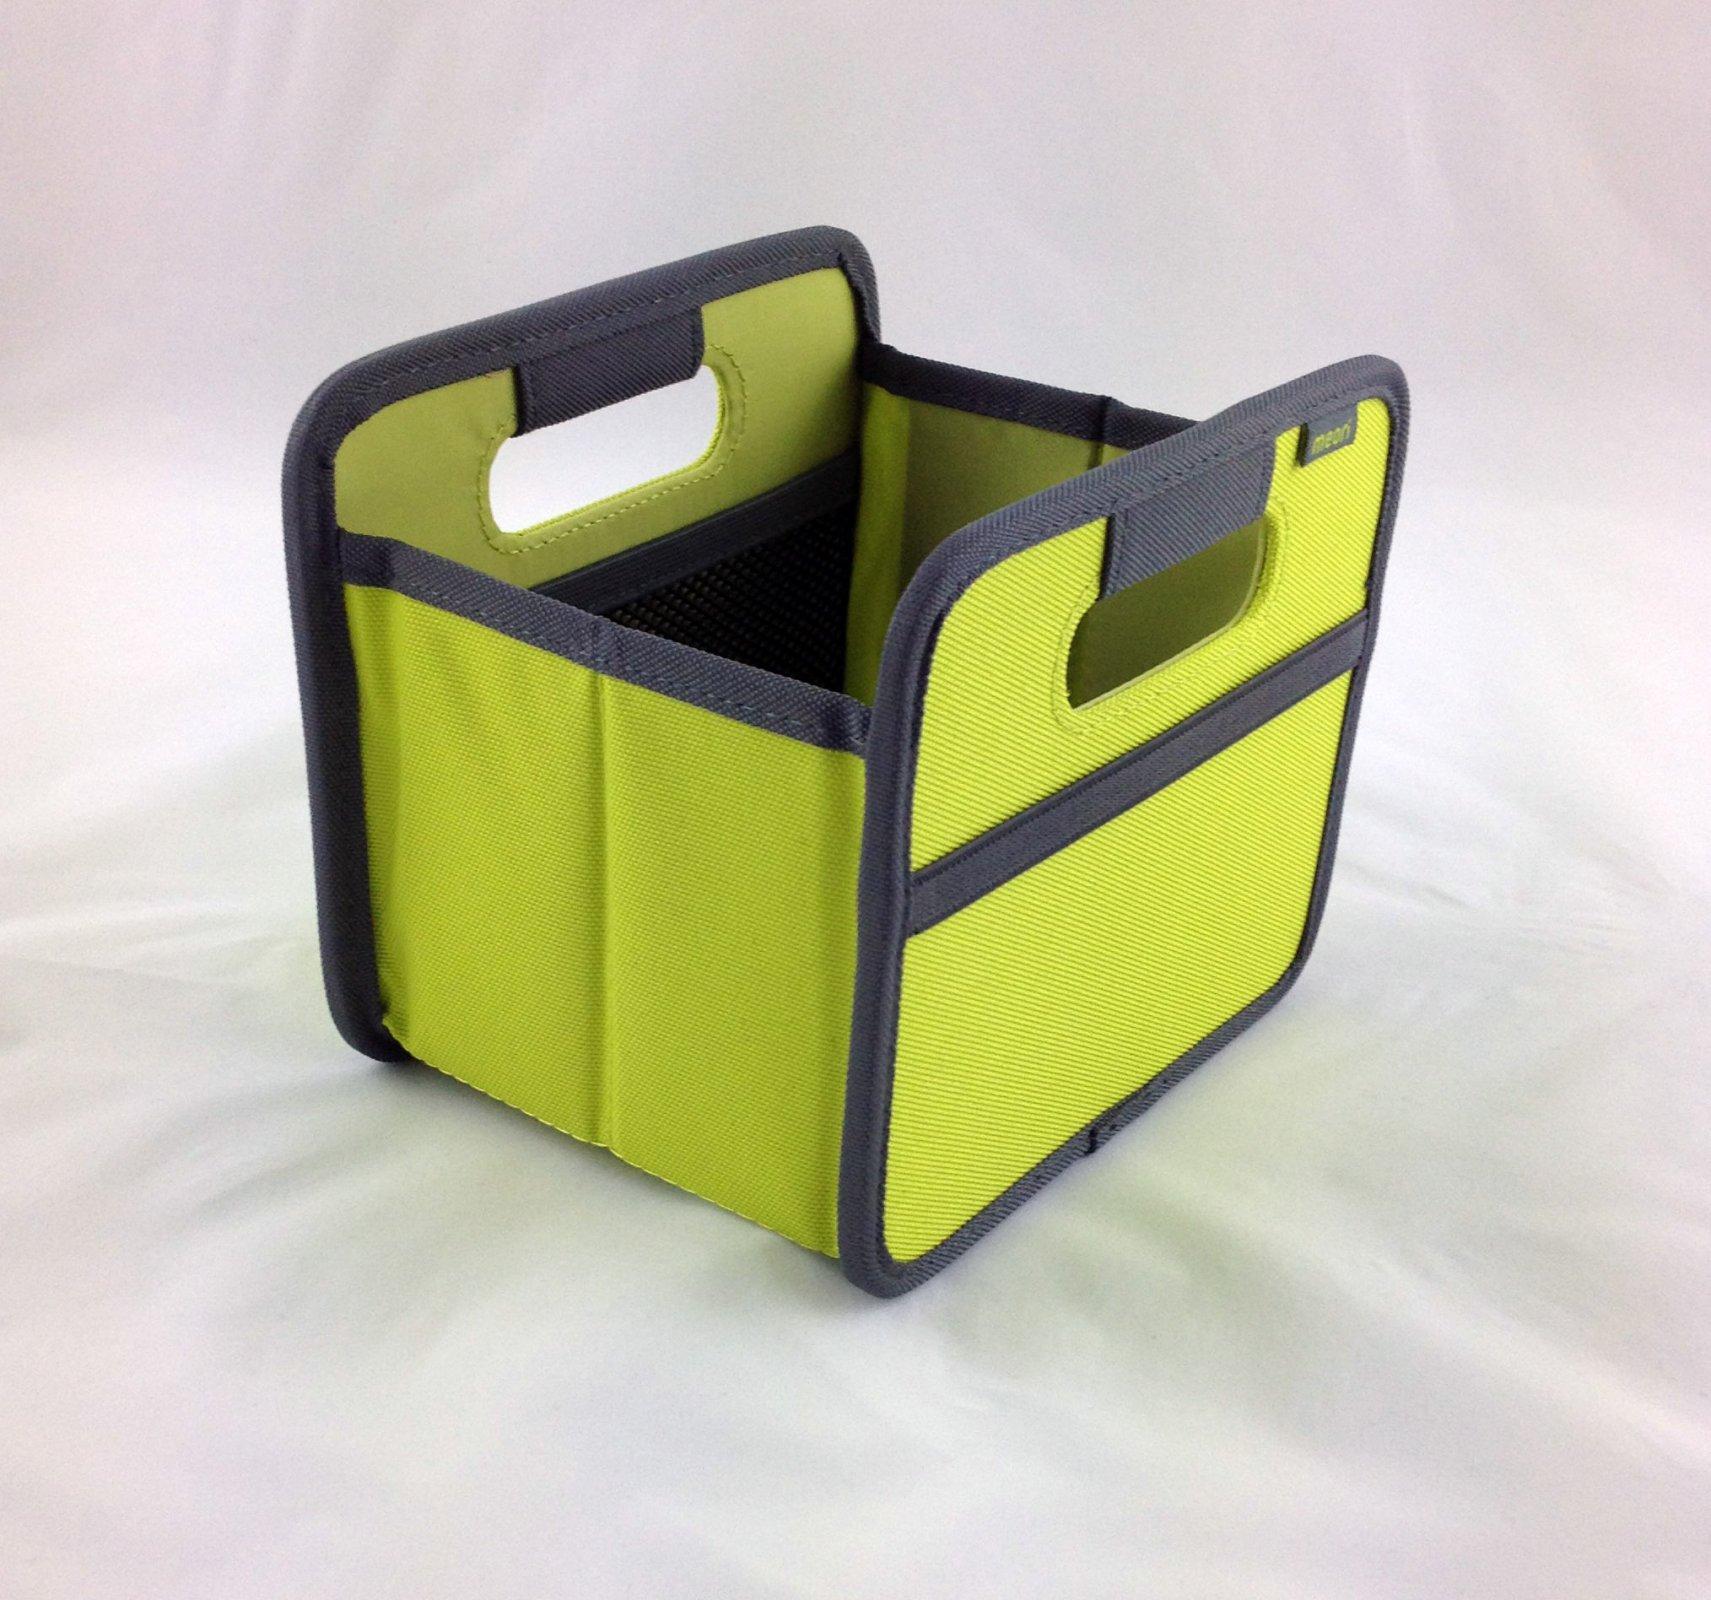 Foldable Mini Box Spring Green